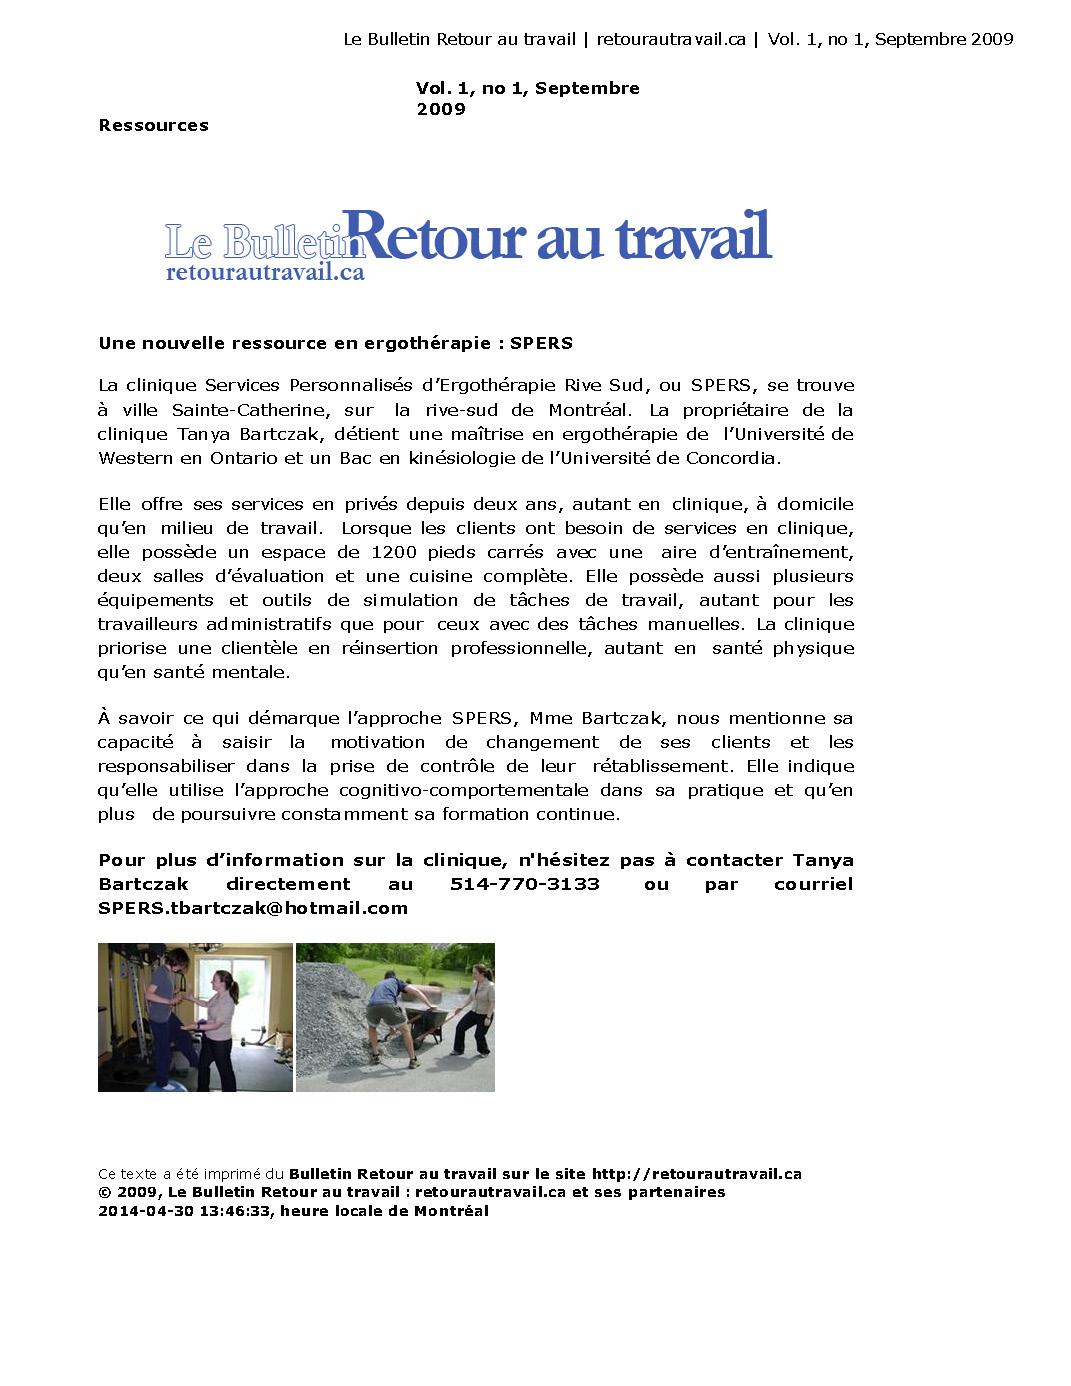 Le Bulletin Retour au travail  sept 2009